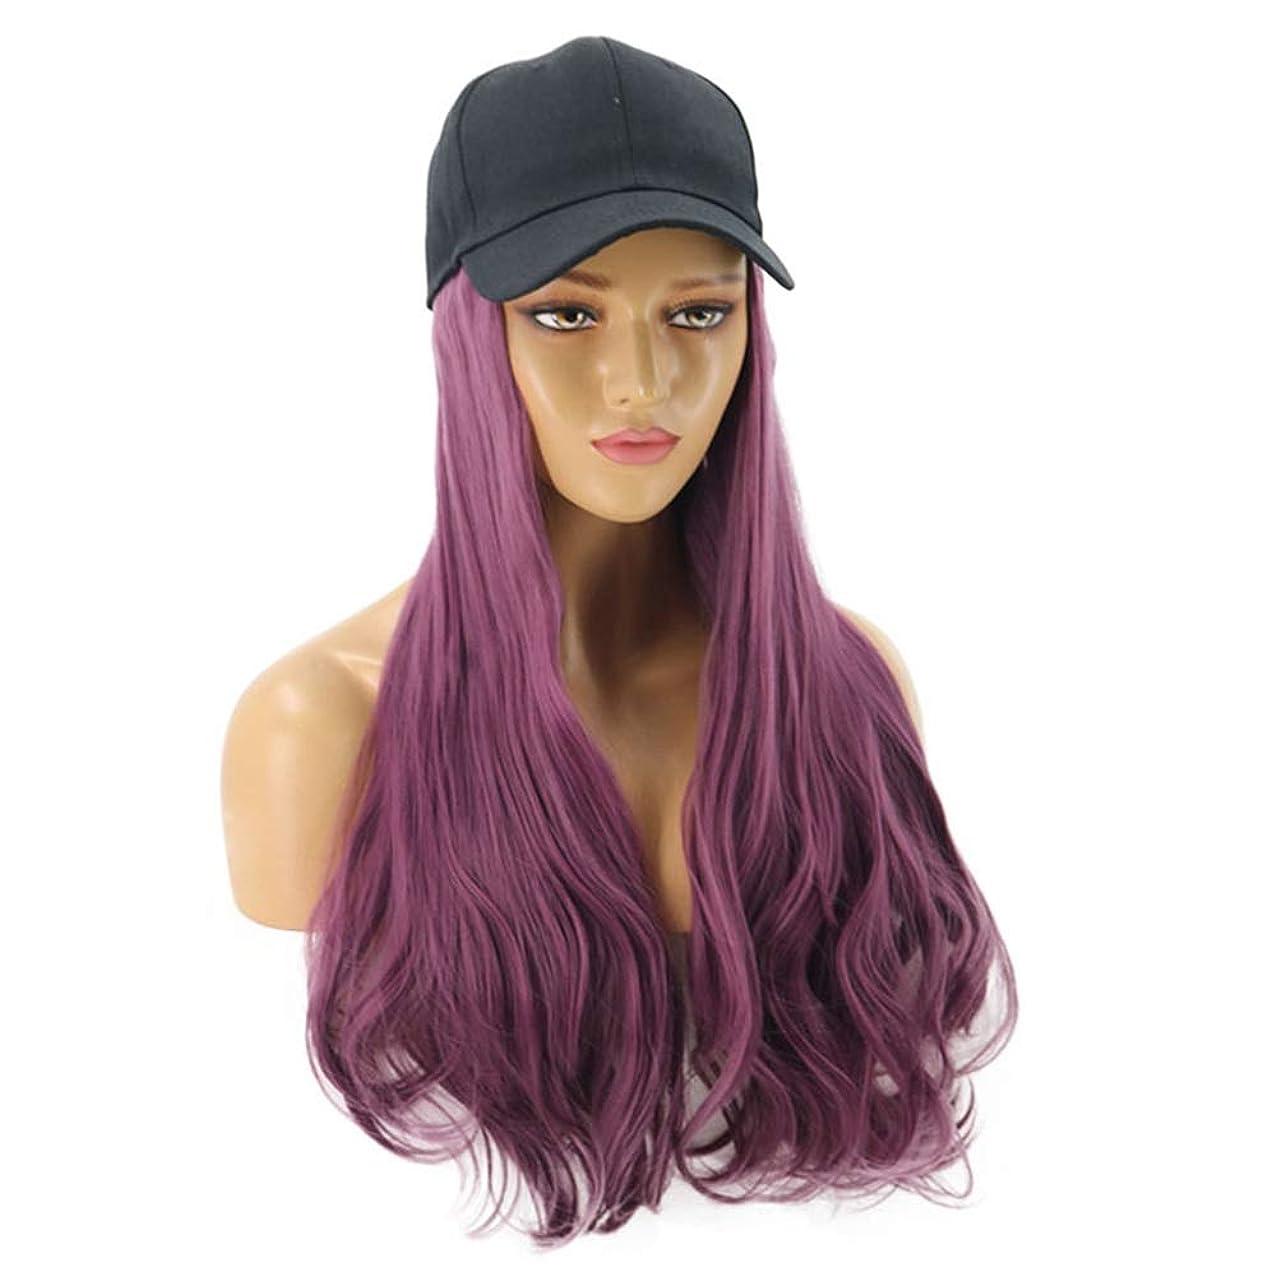 技術者シャンパンディンカルビルHAILAN HOME-かつら ファッション藤女性かつらハットワンピースHatの先見の明前髪ウィッグ55センチメートル保持型ワンピース取り外し可能